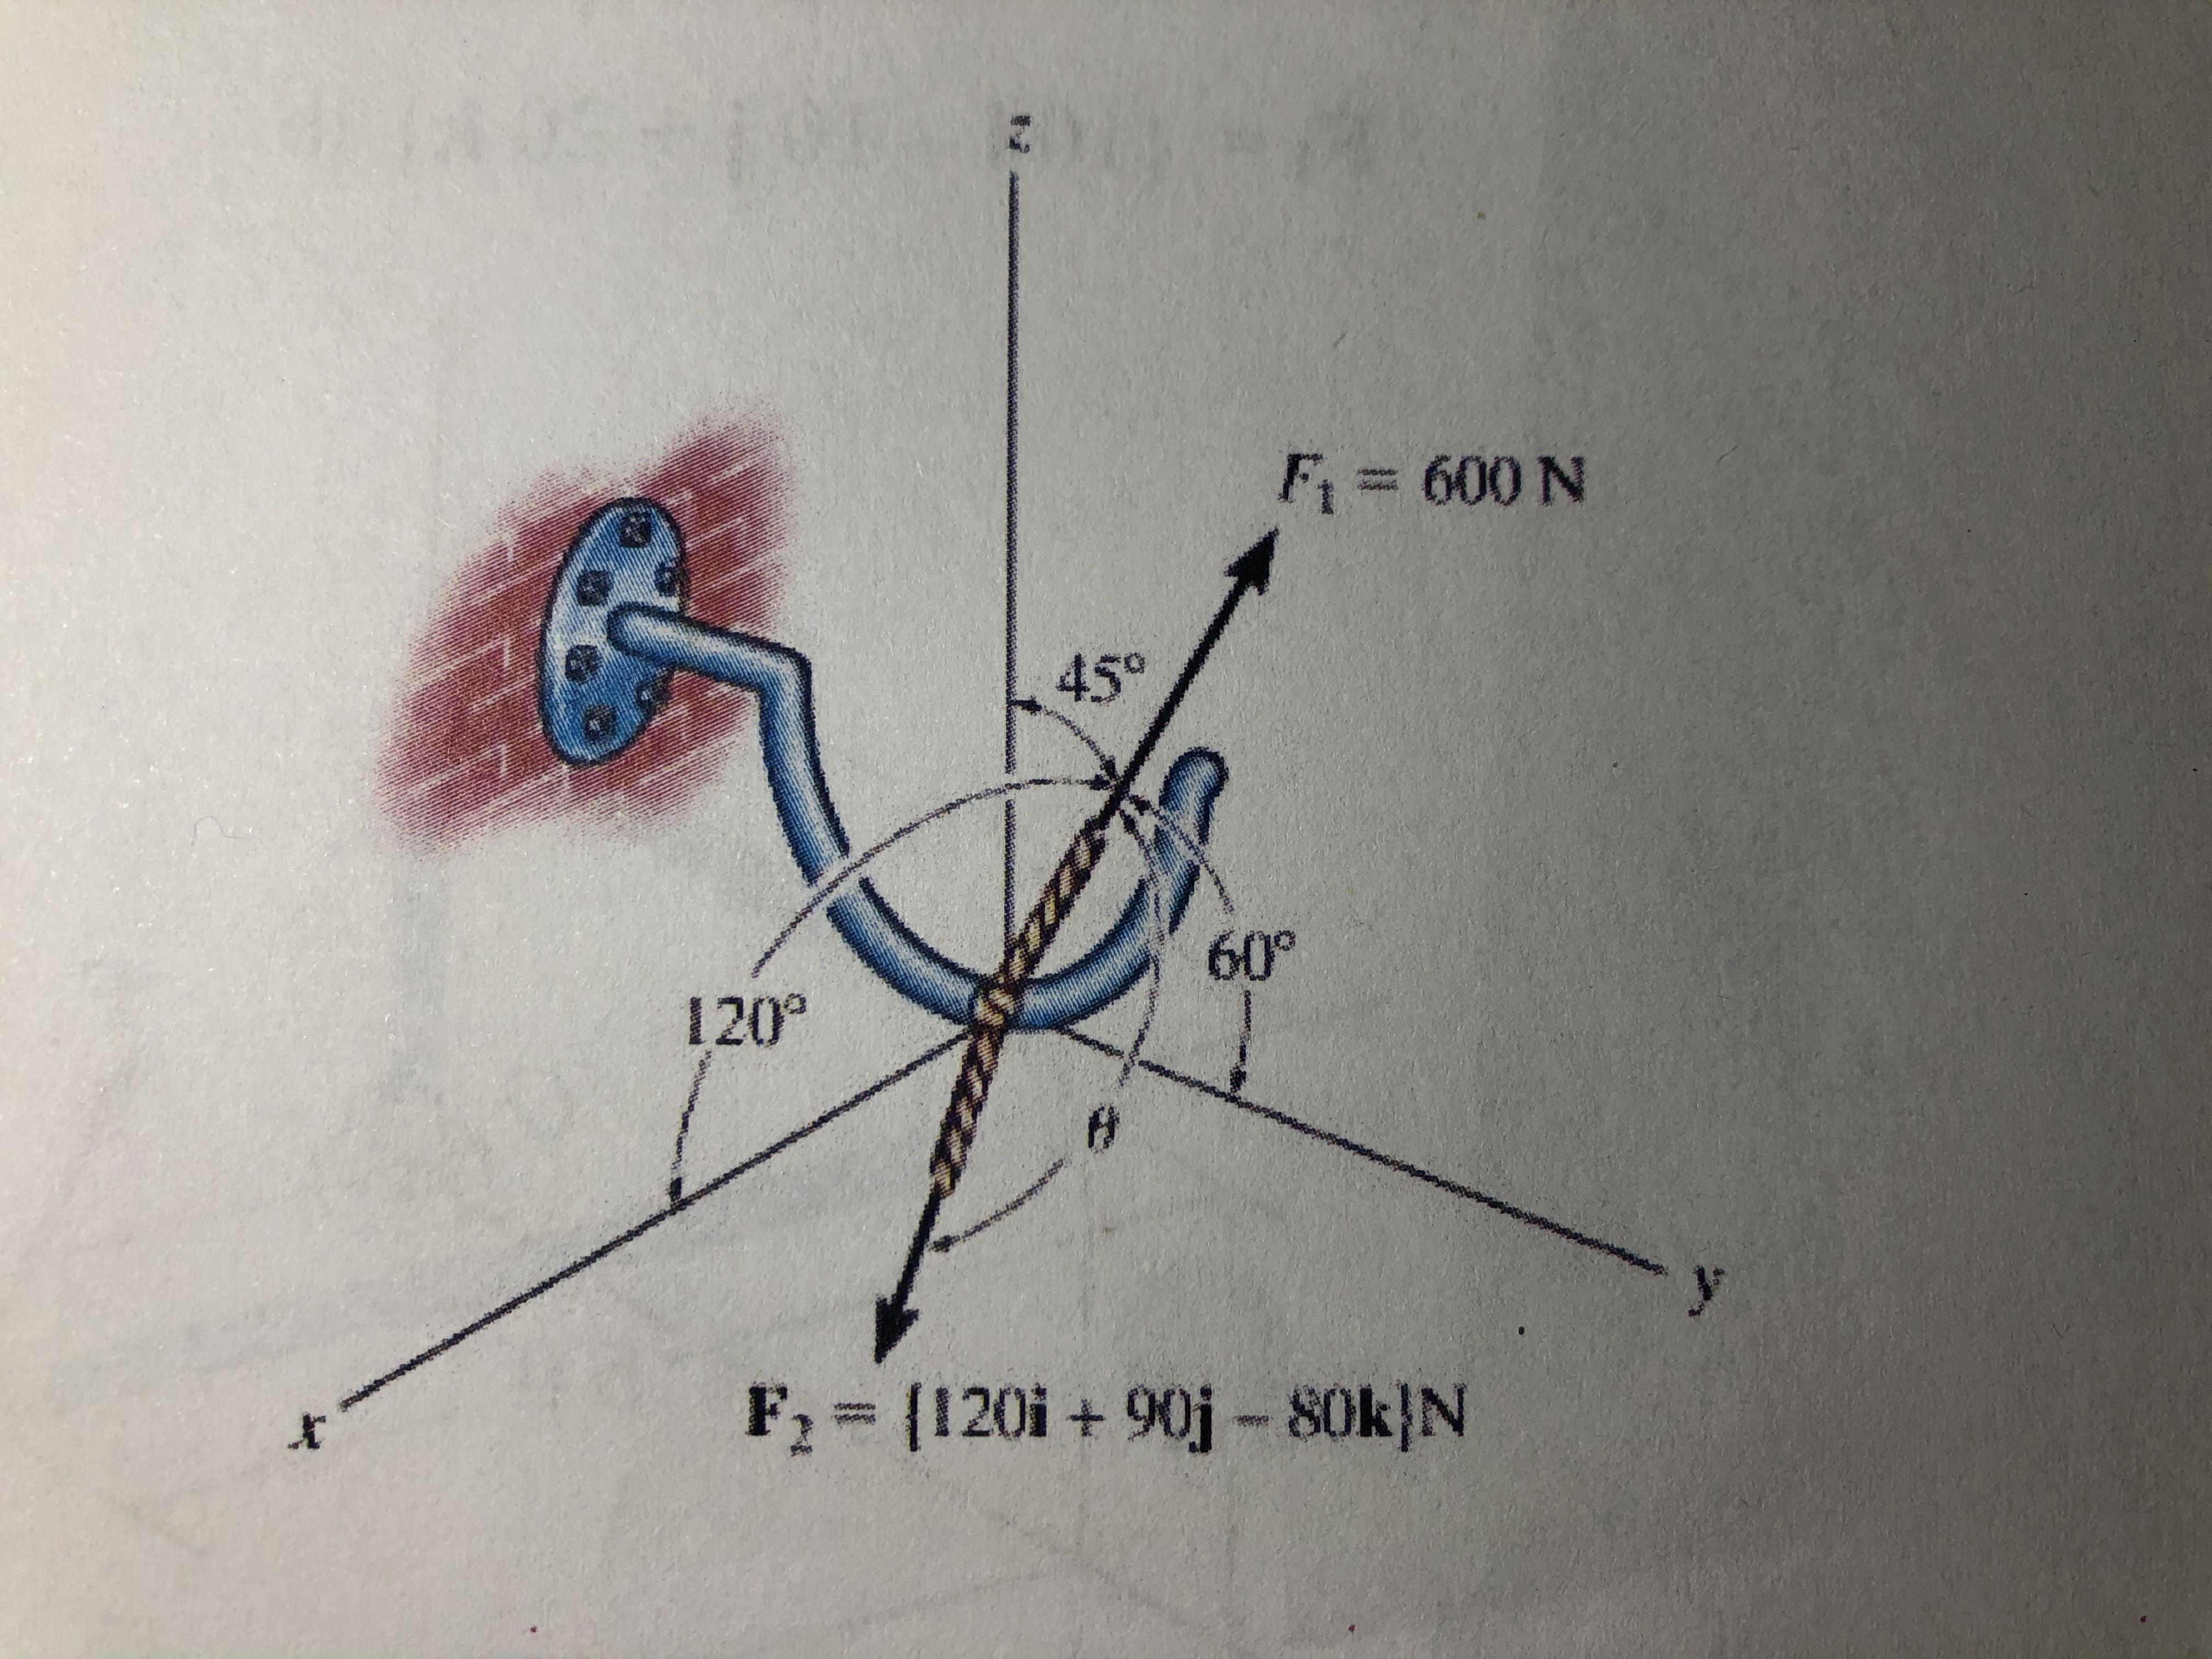 F= 600 N 45° 60° 120° F2 = (120i + 90j-80k}N